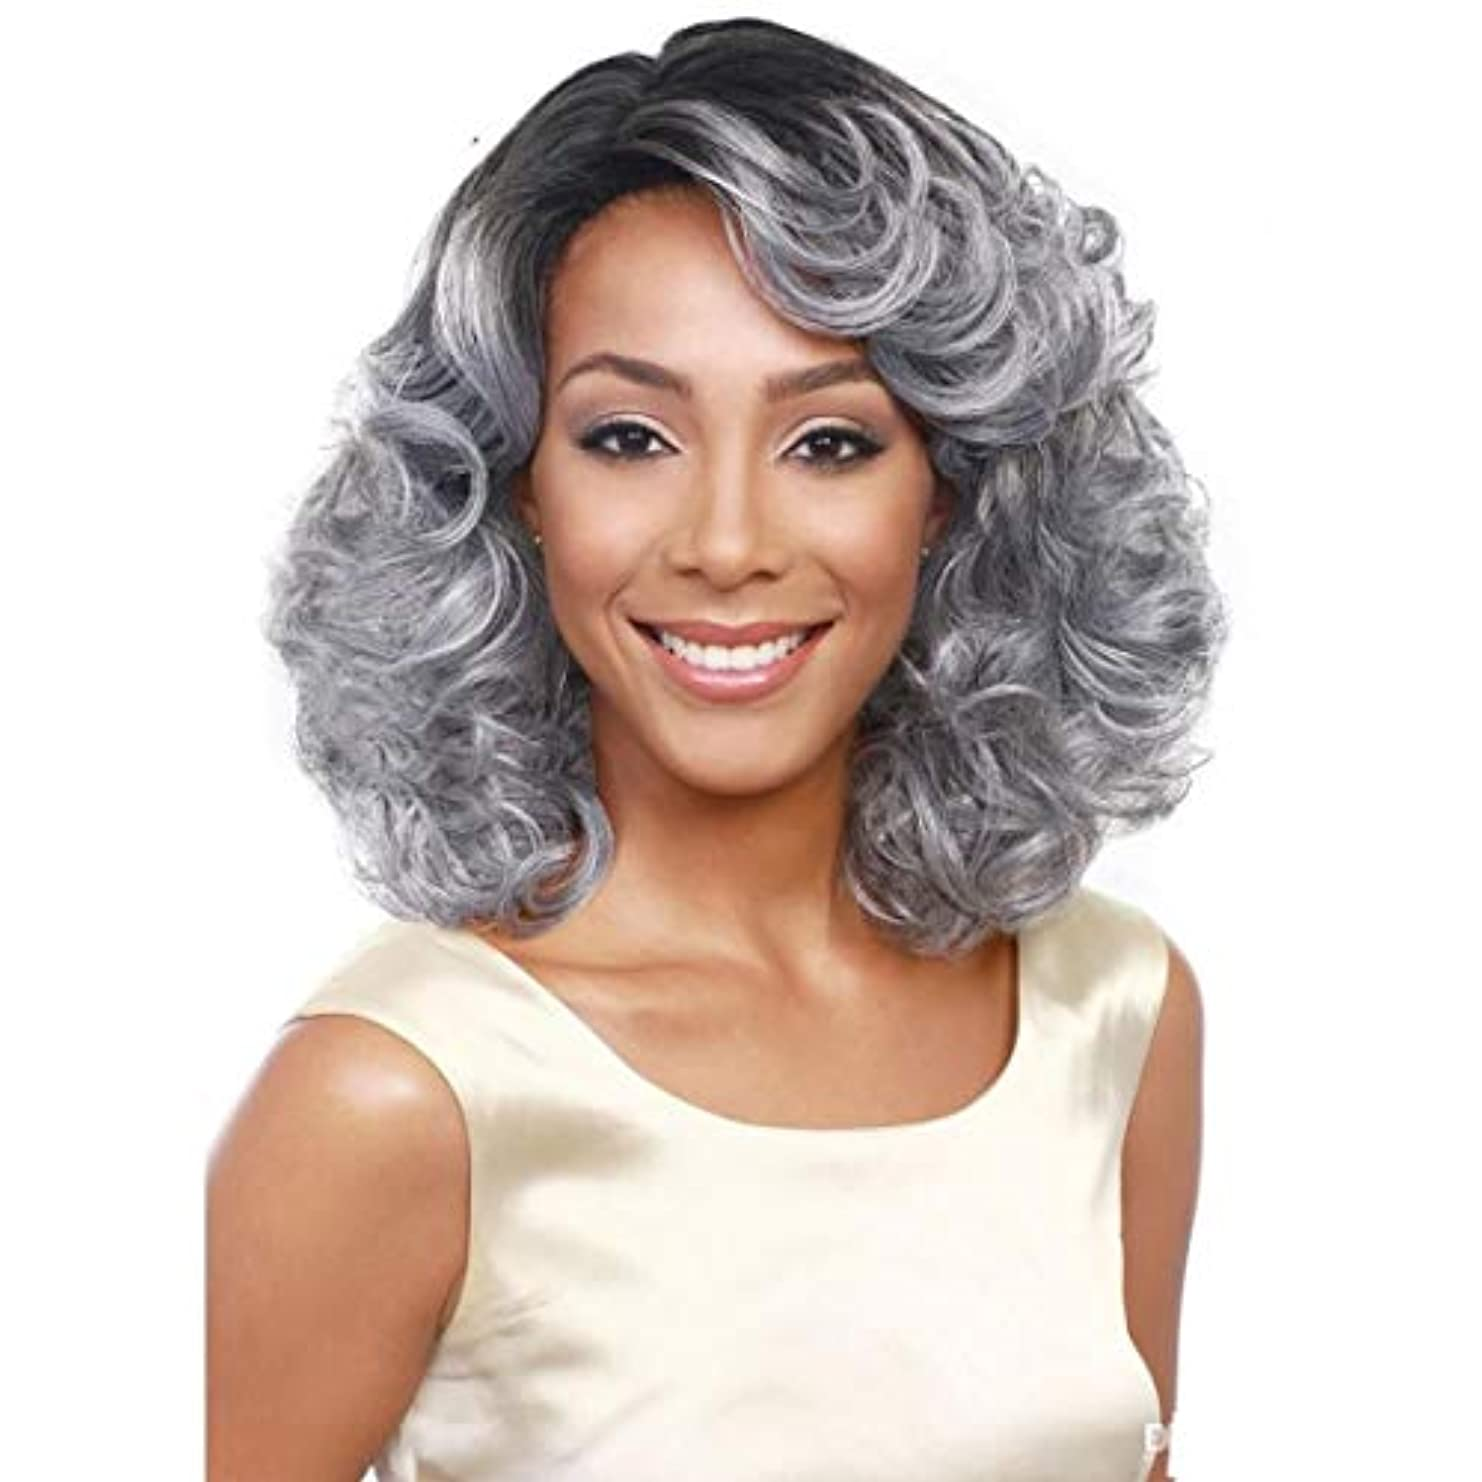 アンドリューハリディ水を飲む恐れるSummerys ソフト&スムーズ女性のためのグレーの短い巻き毛の化学繊維高温ワイヤーをかつら